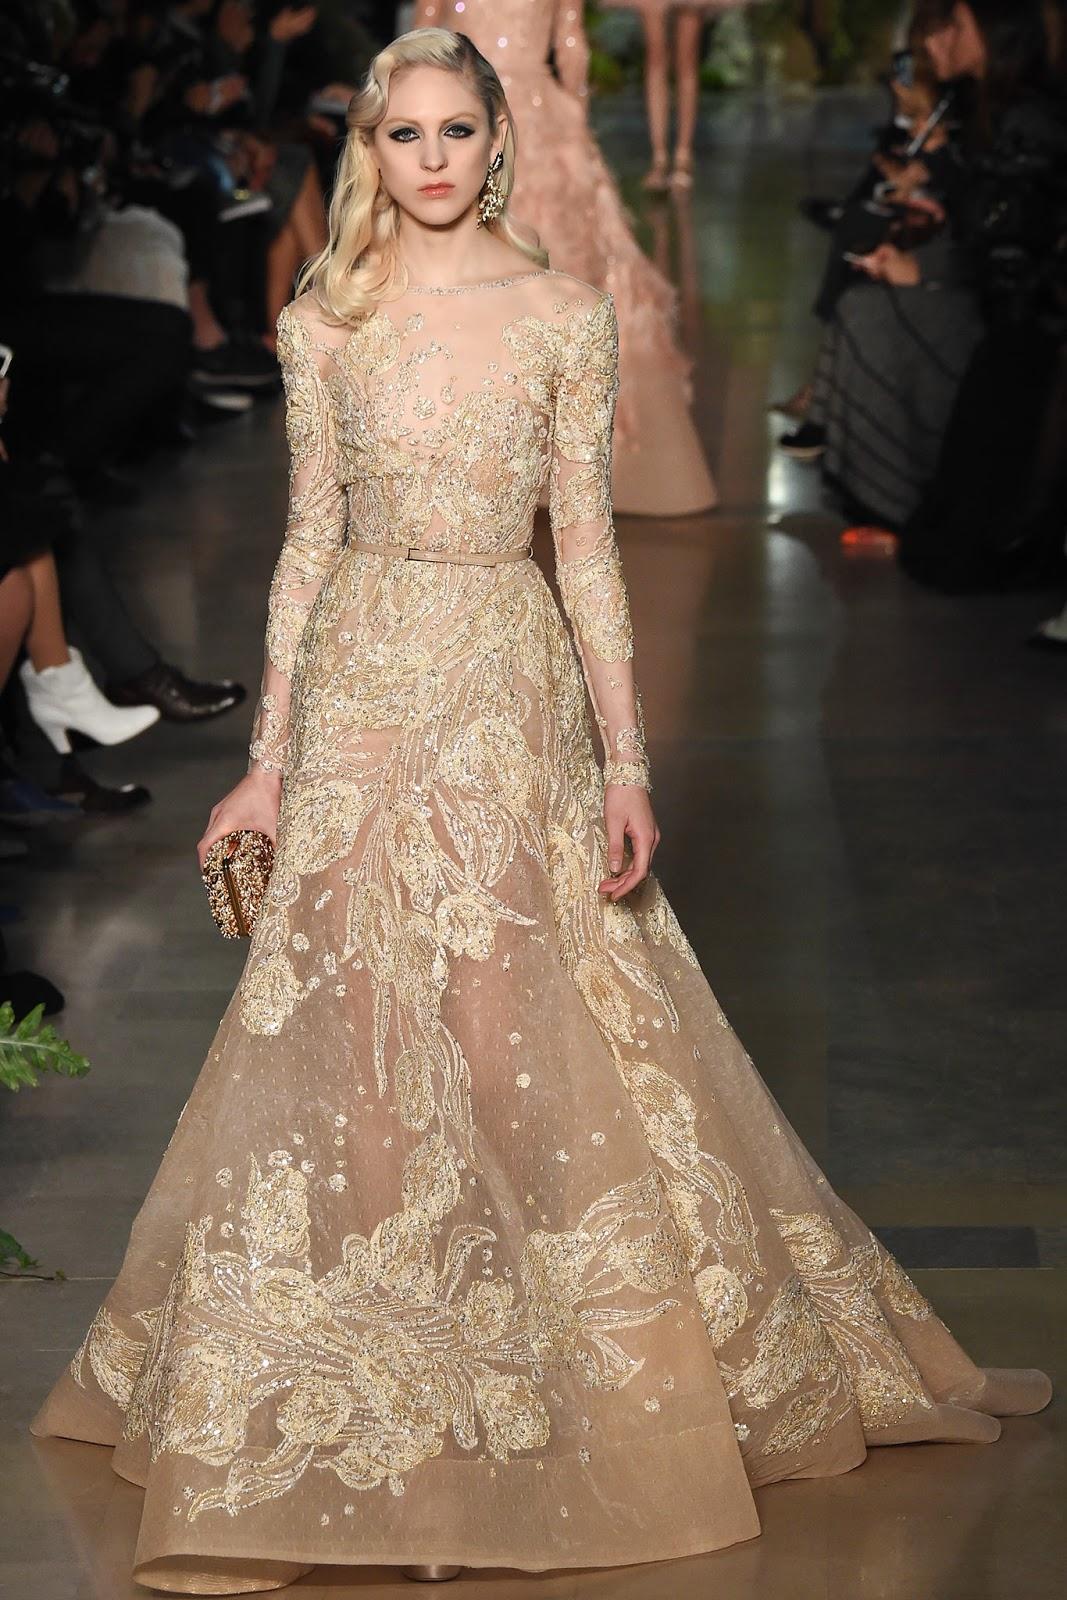 elie saab wedding dresses collection elie saab wedding dress Elie Saab Wedding Dresses Collection 57